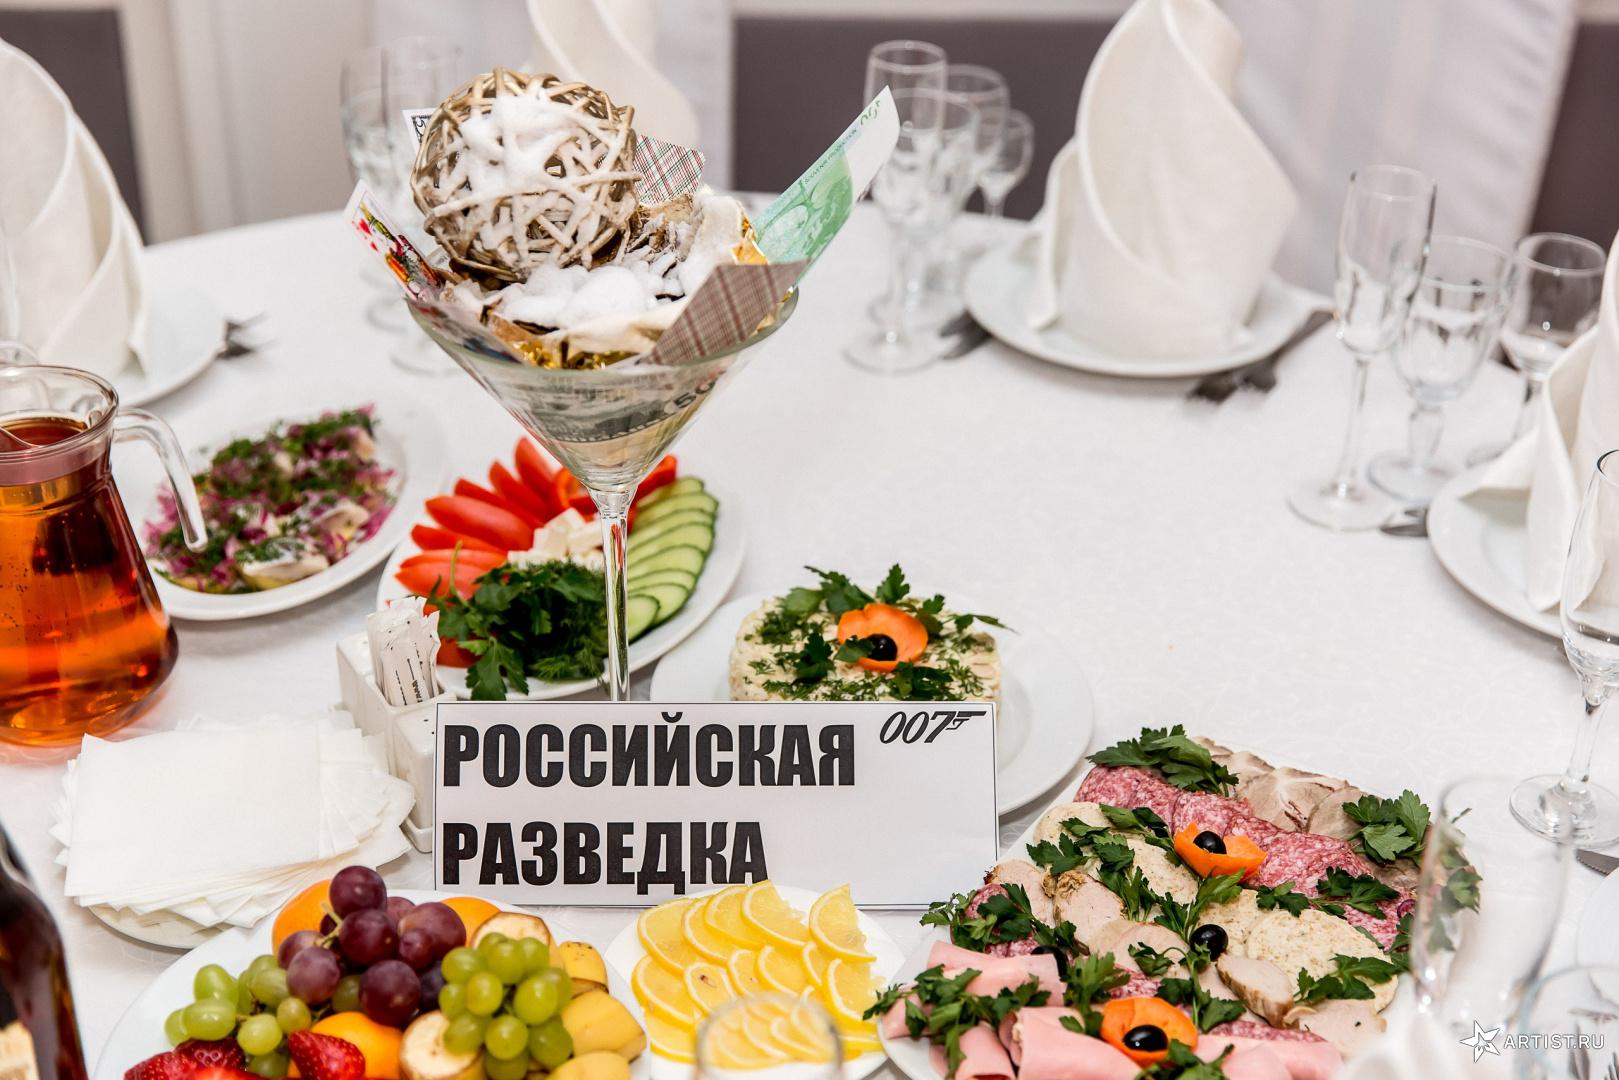 Фото 21 из 31 из альбома Корпоратив медицинской компании Андрея Кислого